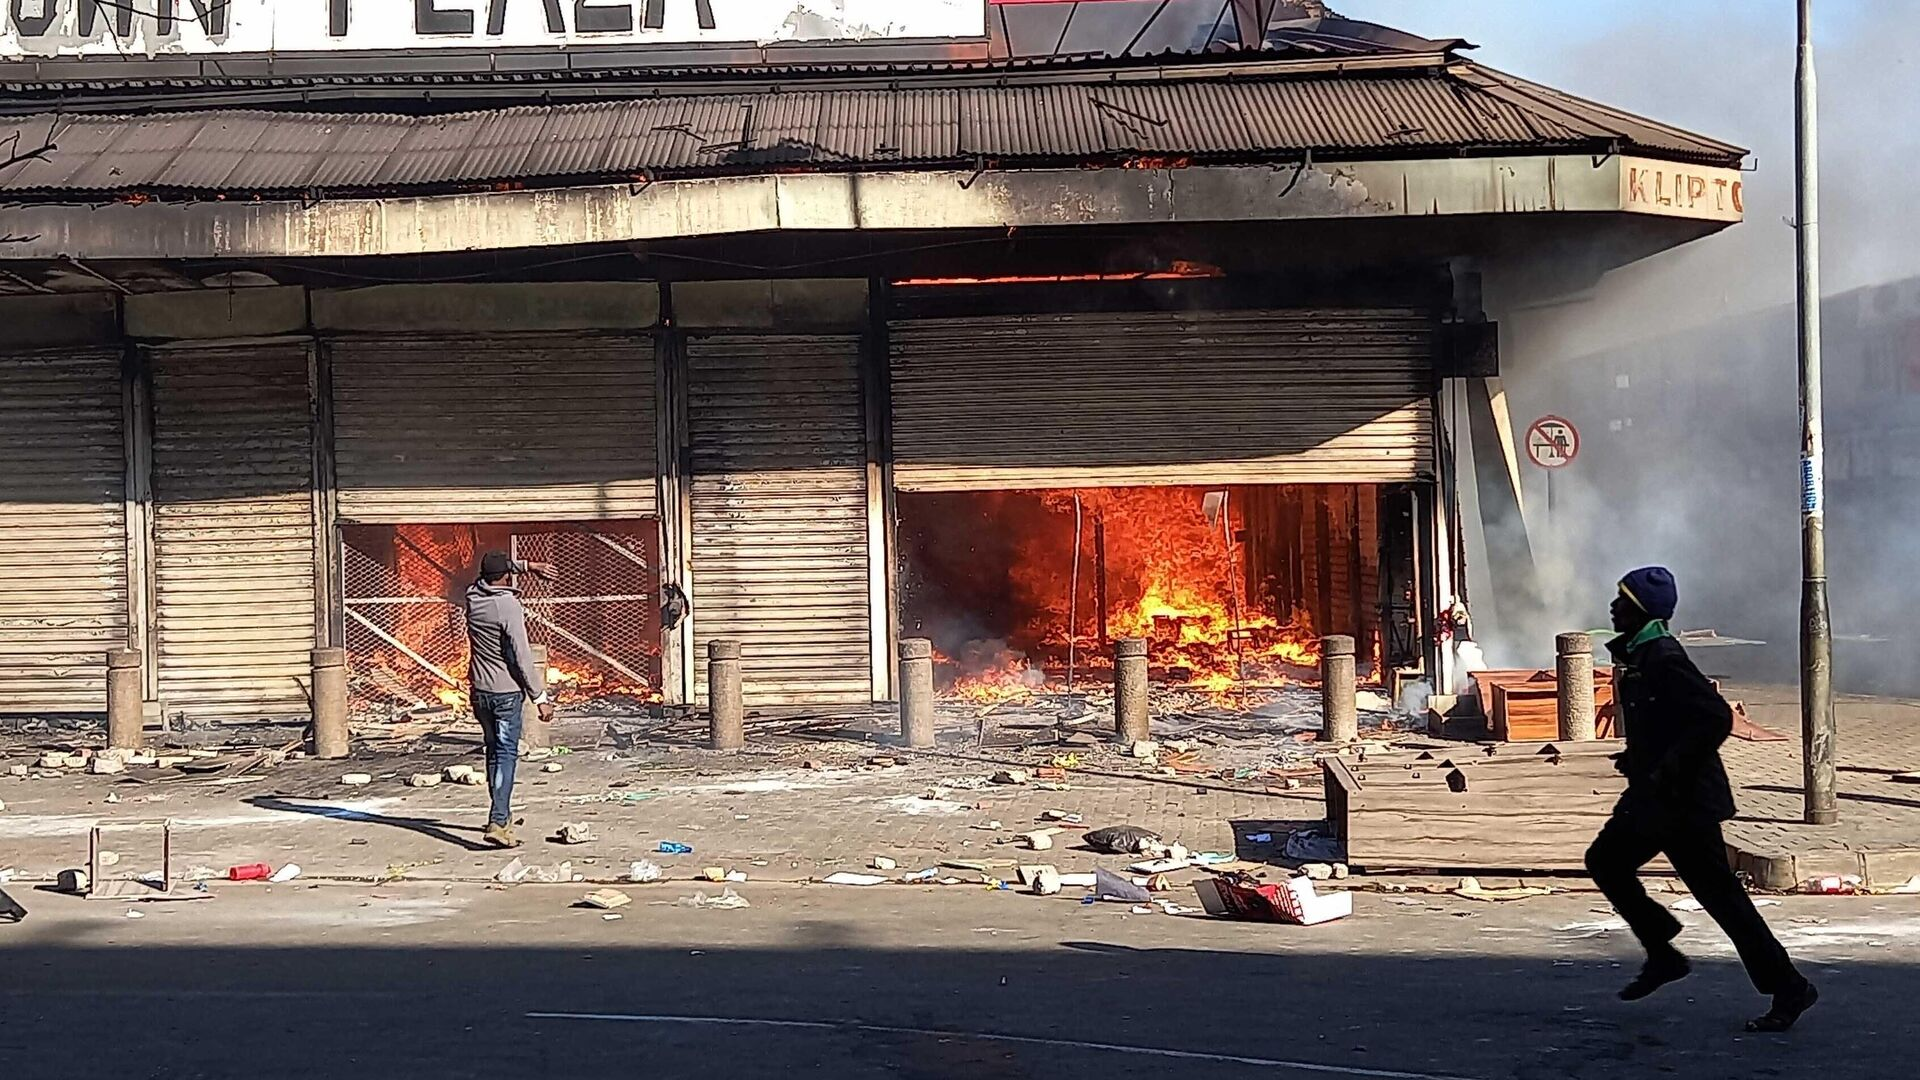 Последствия беспорядков на улице Йоханнесбурга - РИА Новости, 1920, 03.08.2021